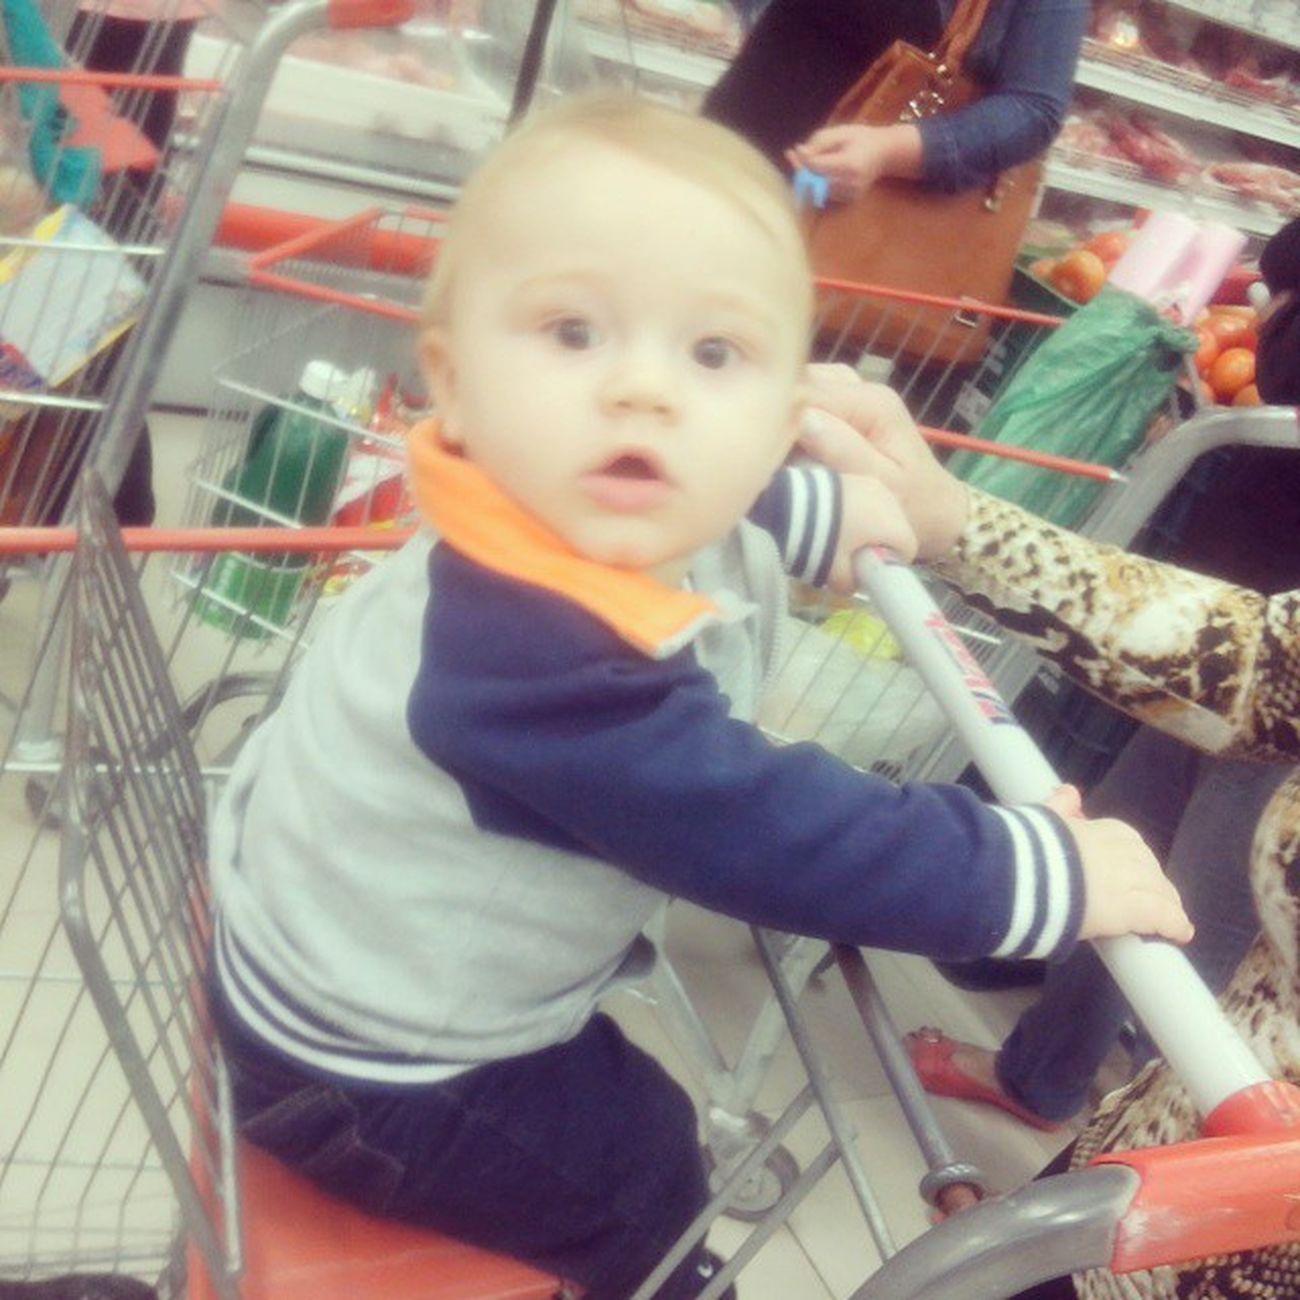 Meu novo companheiro de supermercado !!! Adorou Taseachando AmorDaMamae Bernardo meupolaquinho